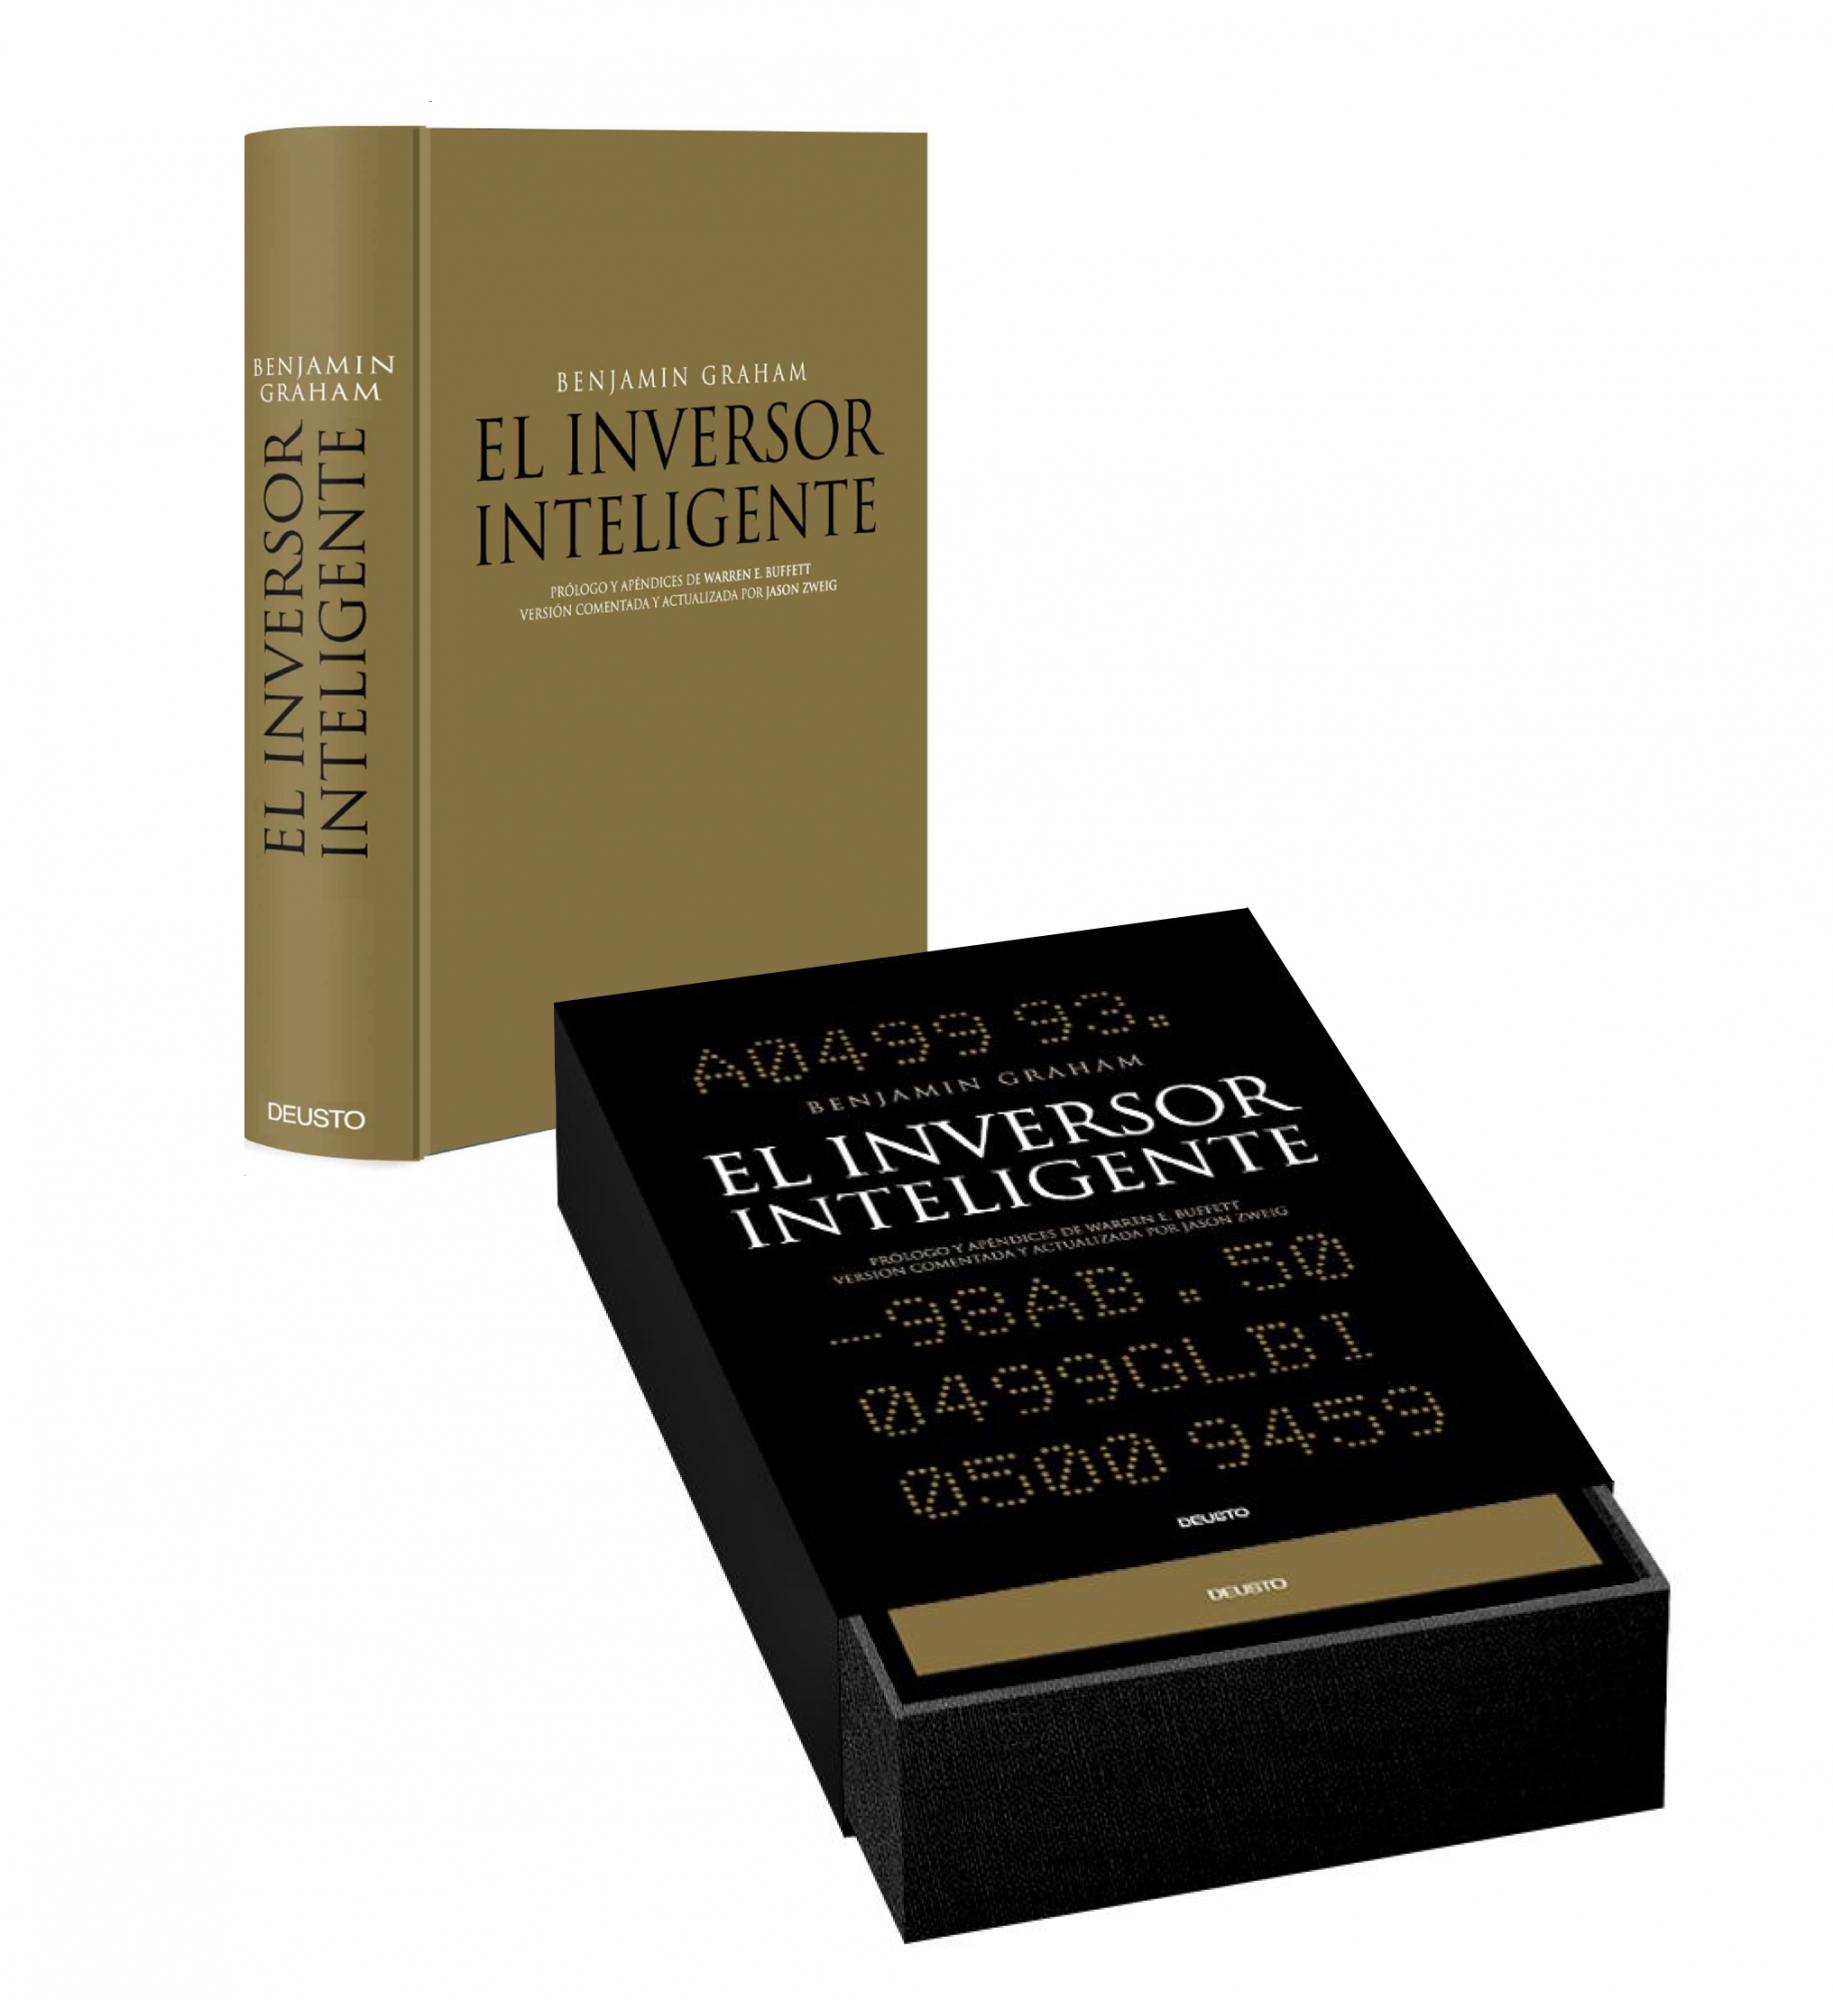 El inversor inteligente (edición de lujo)